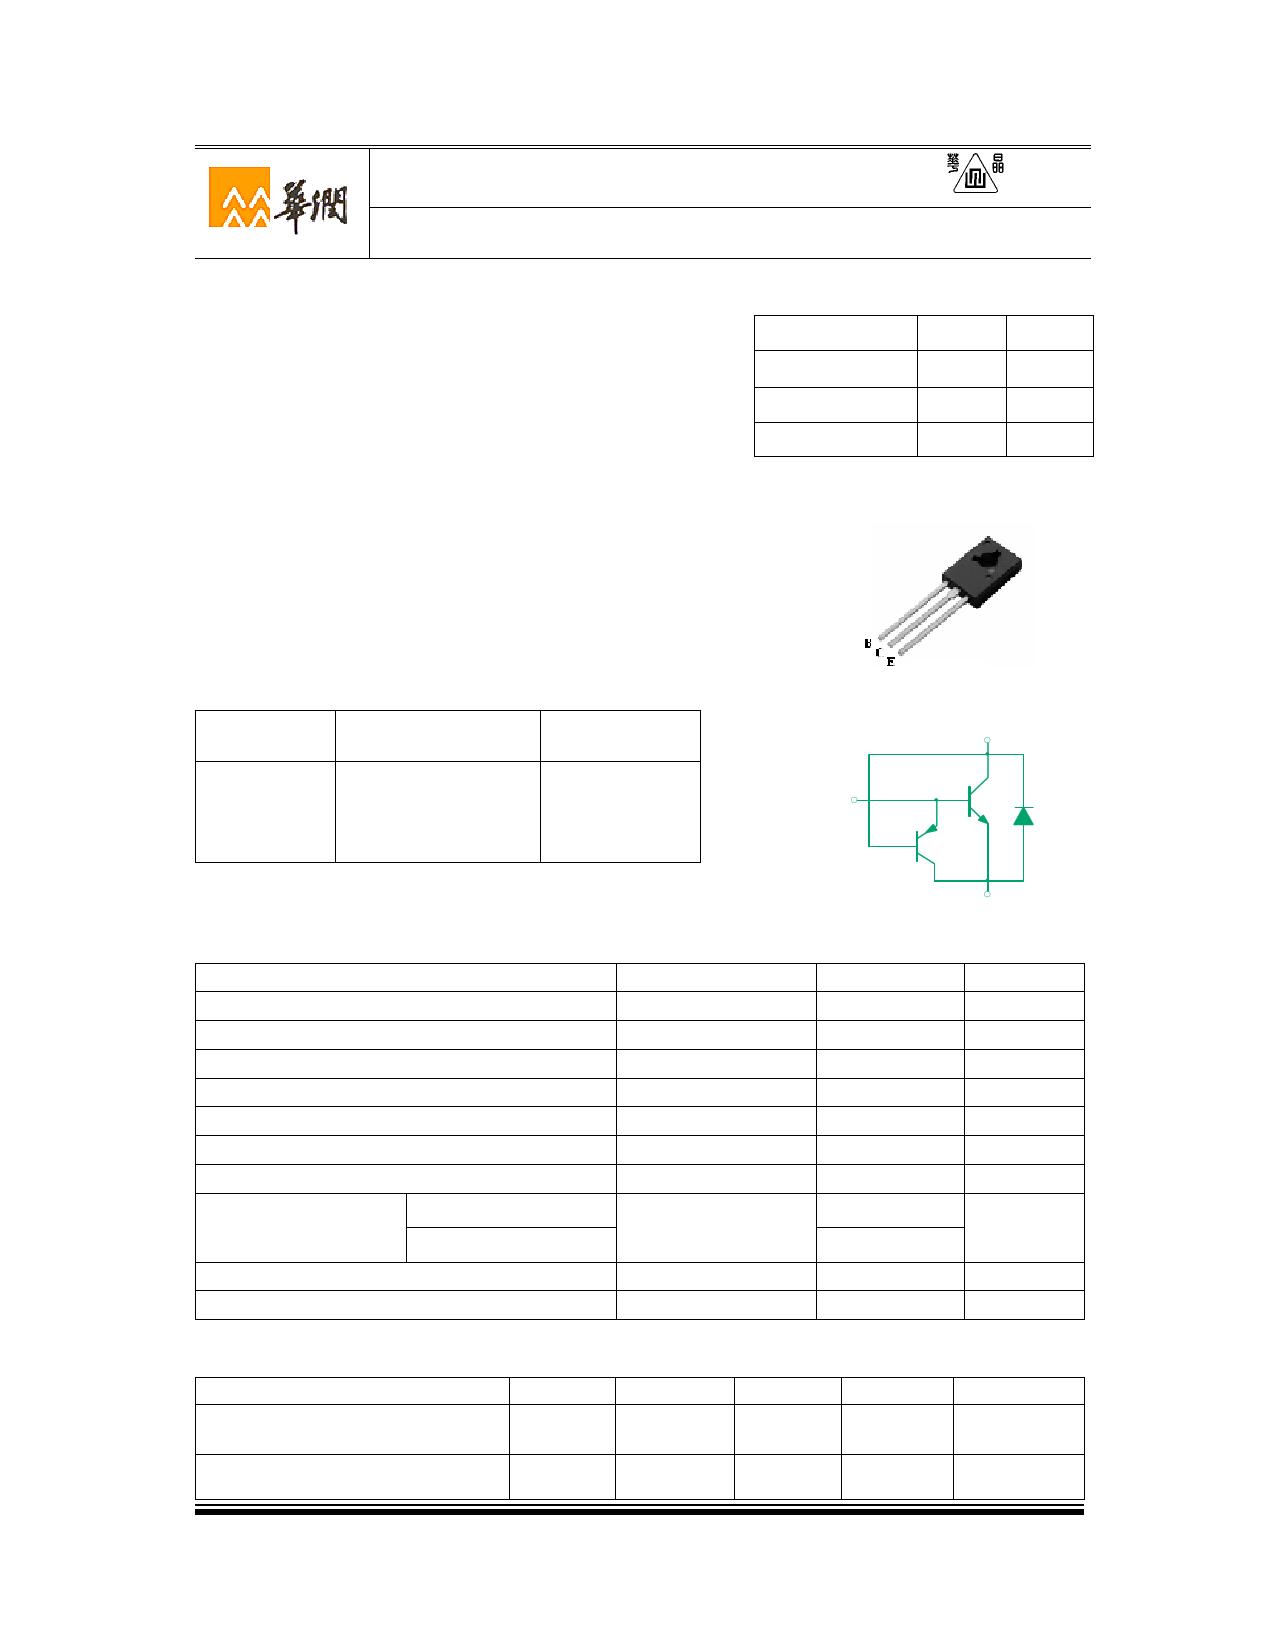 3DD13003F6D Datasheet, 3DD13003F6D PDF,ピン配置, 機能